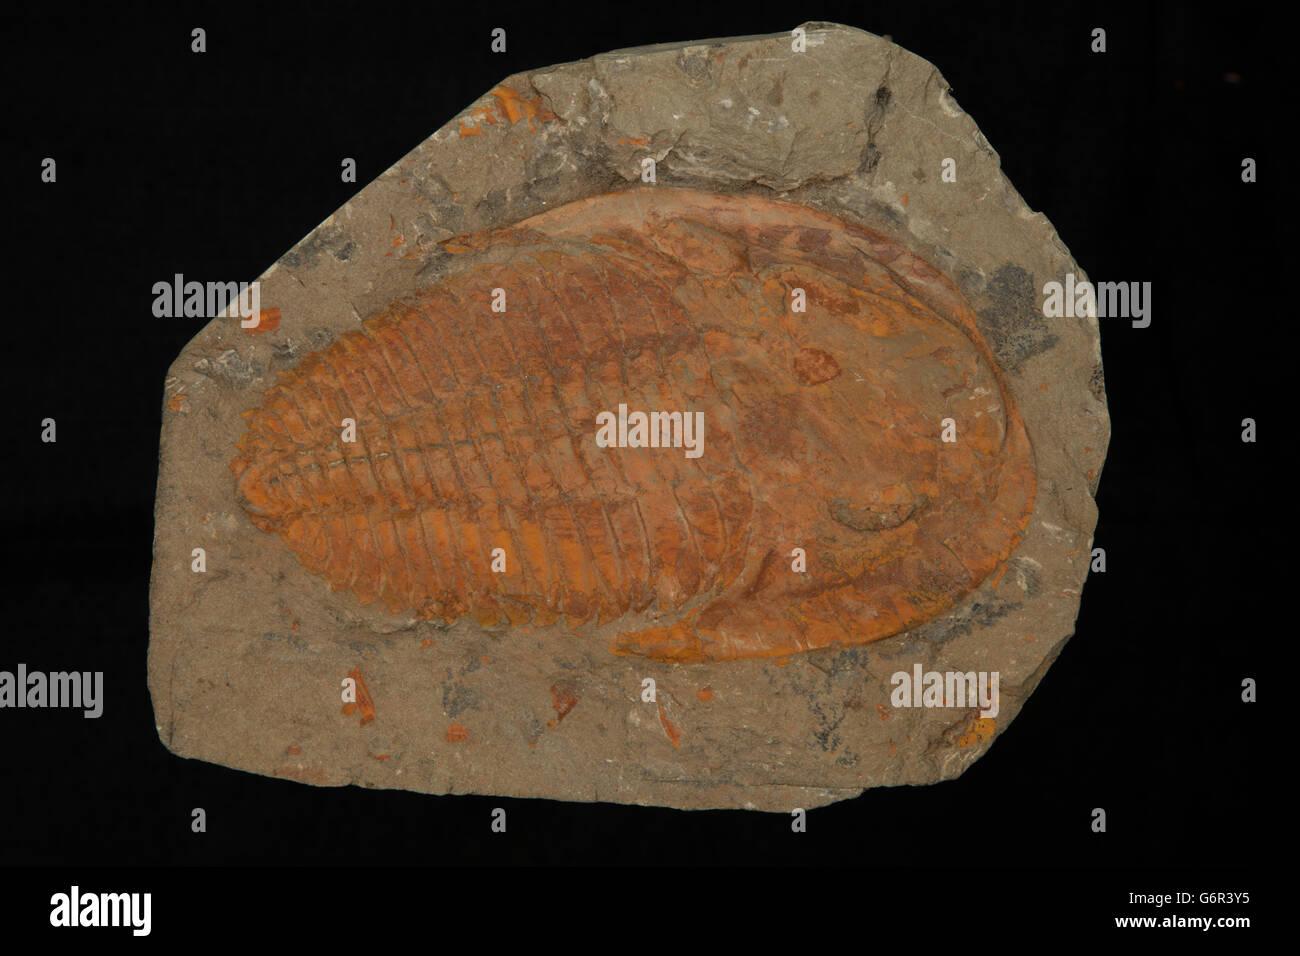 Trilobite fossil, Cambrian, Morrocco - Stock Image